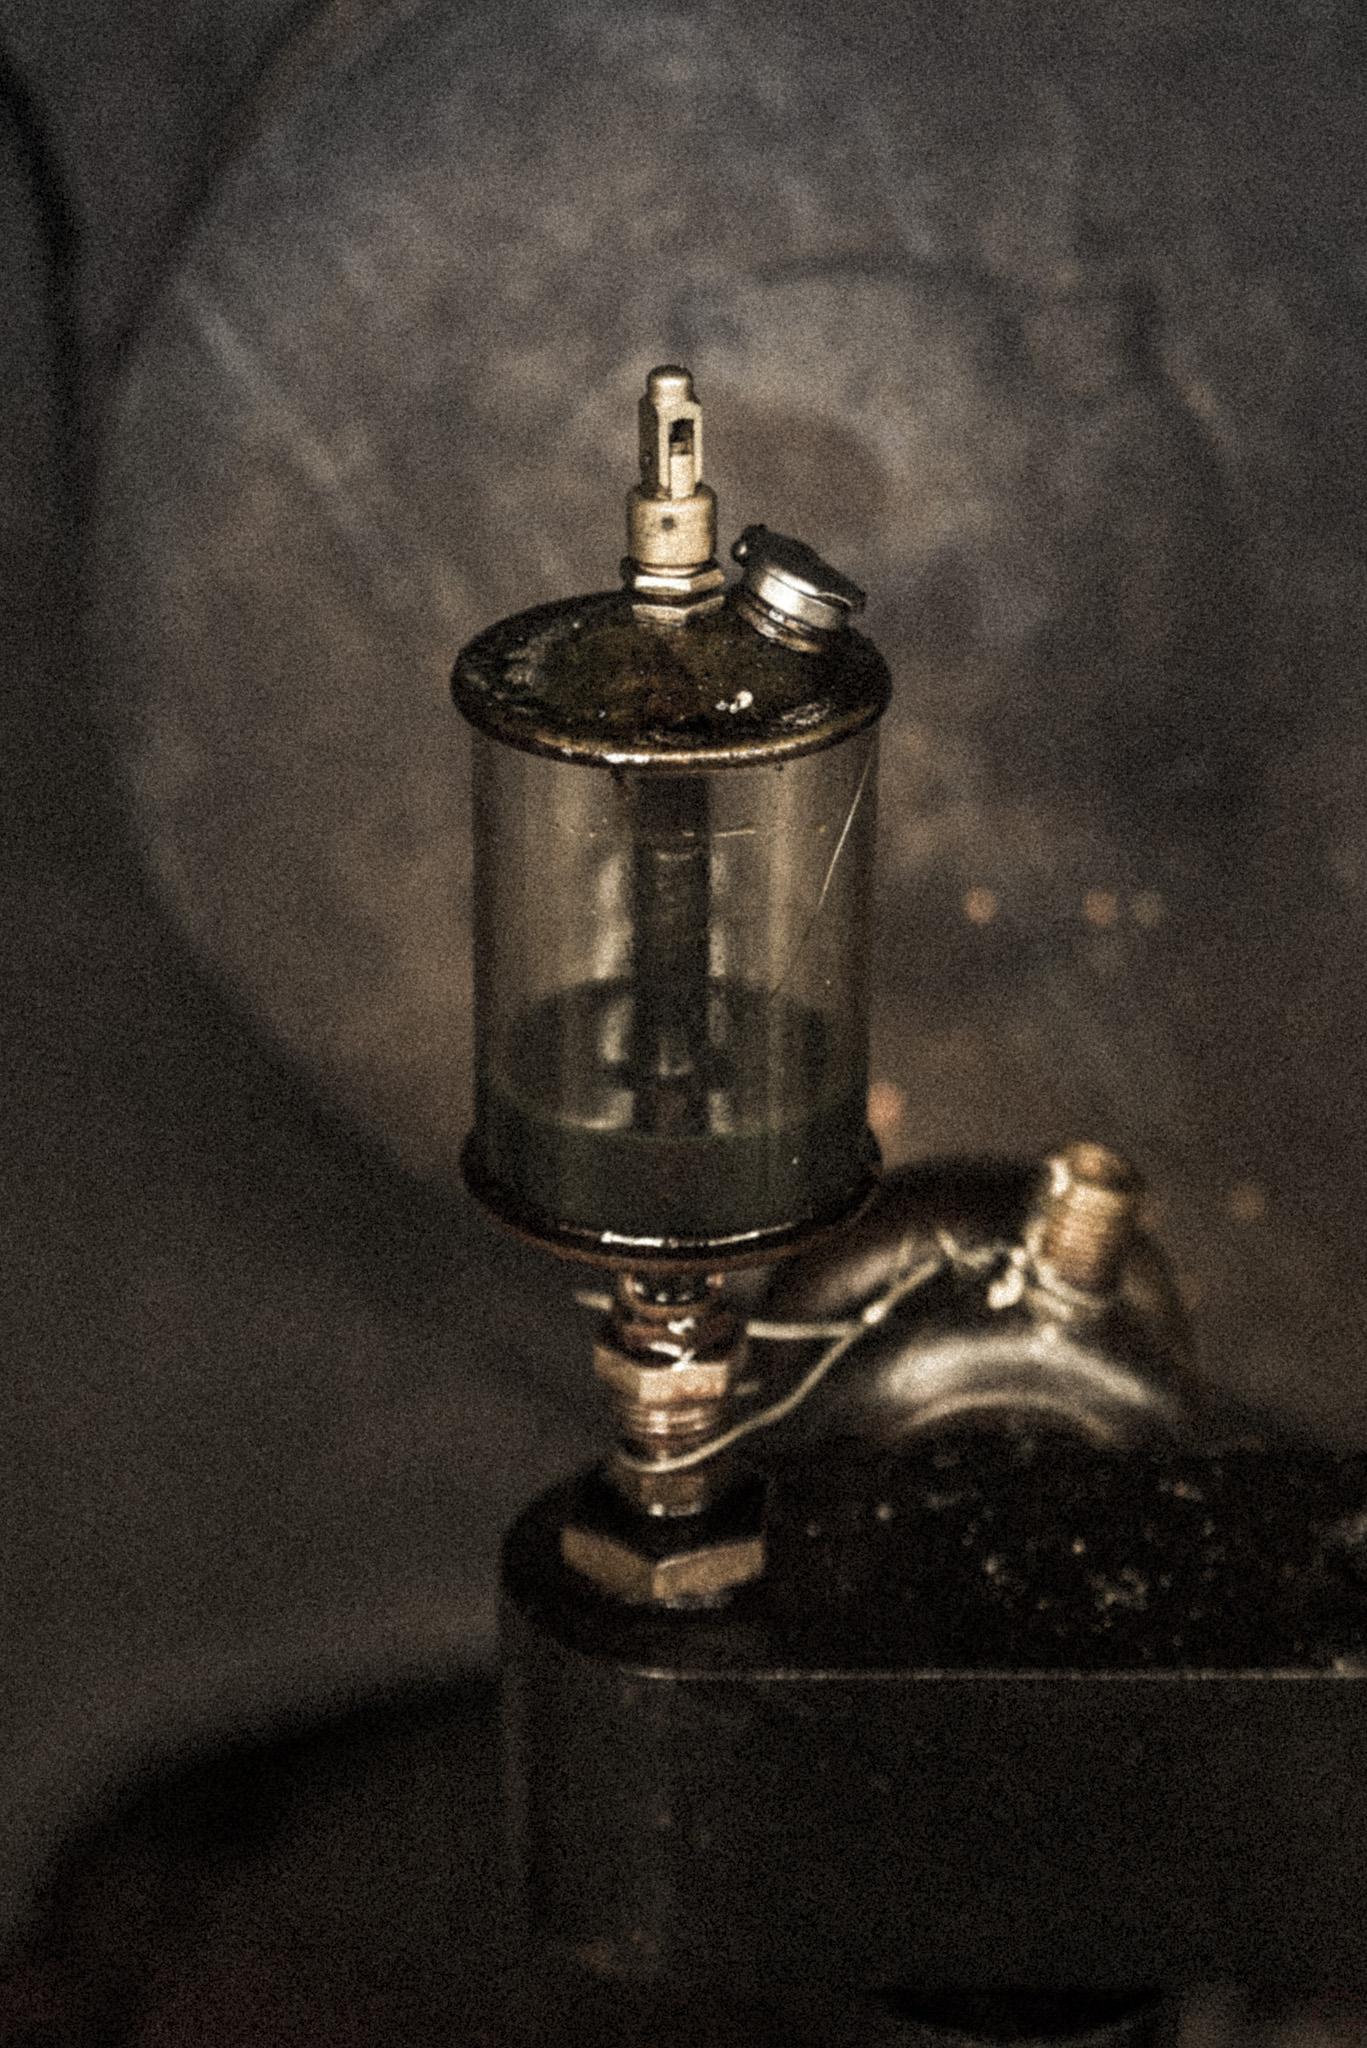 Photographe Reportage Illustration Reims, shooting photo vieux Métiers, Fiole D'huile Machinerie